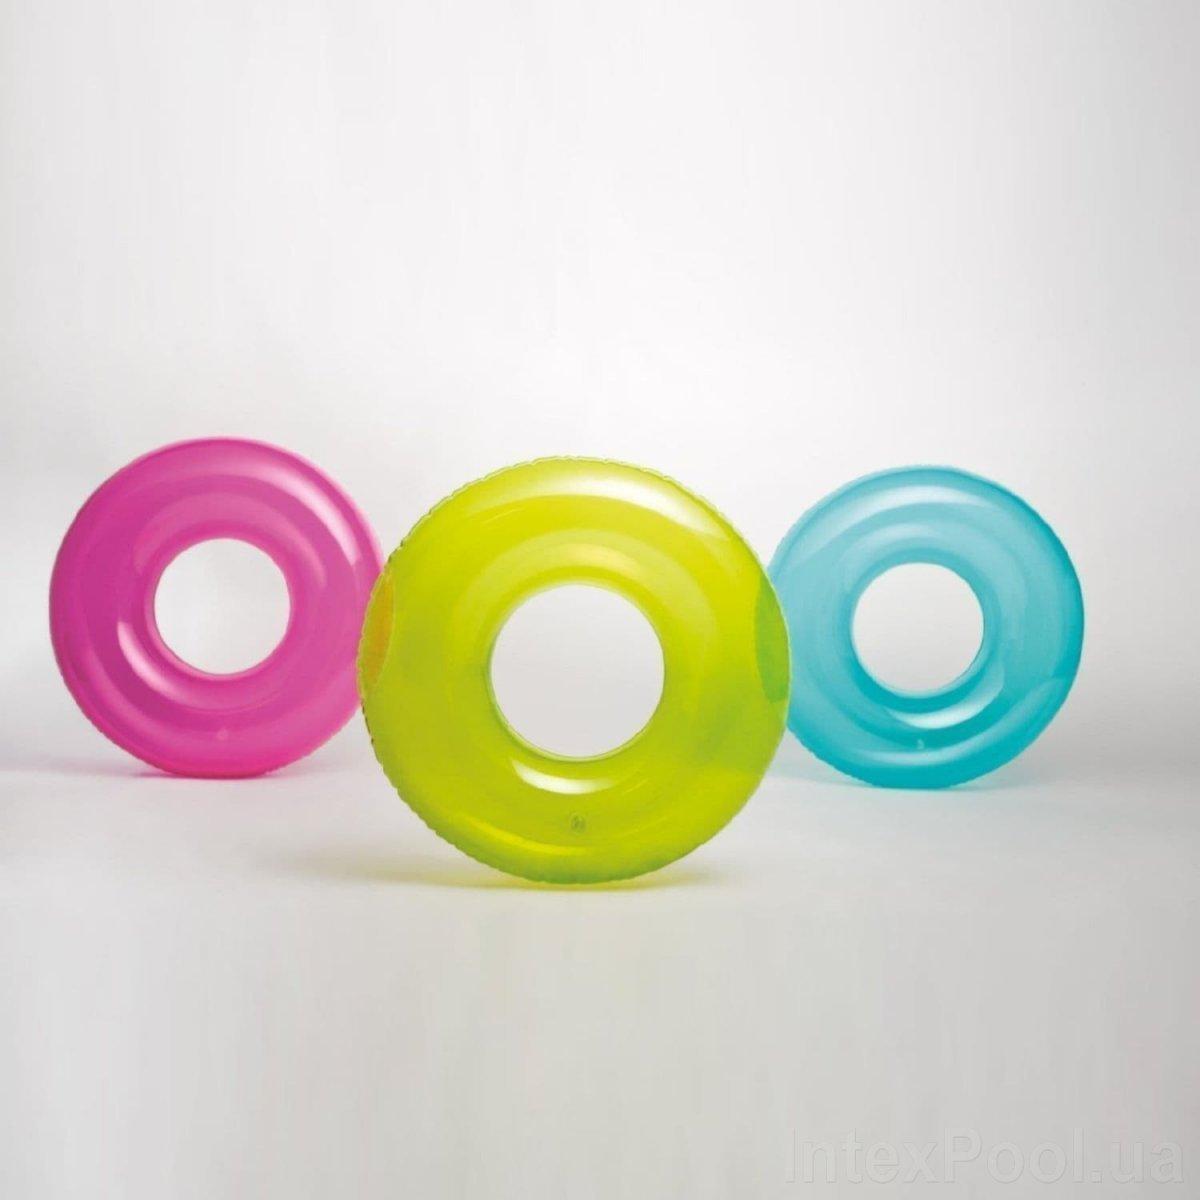 Надувной круг Intex 59260 «Прозрачный», 76 см, Три цвета